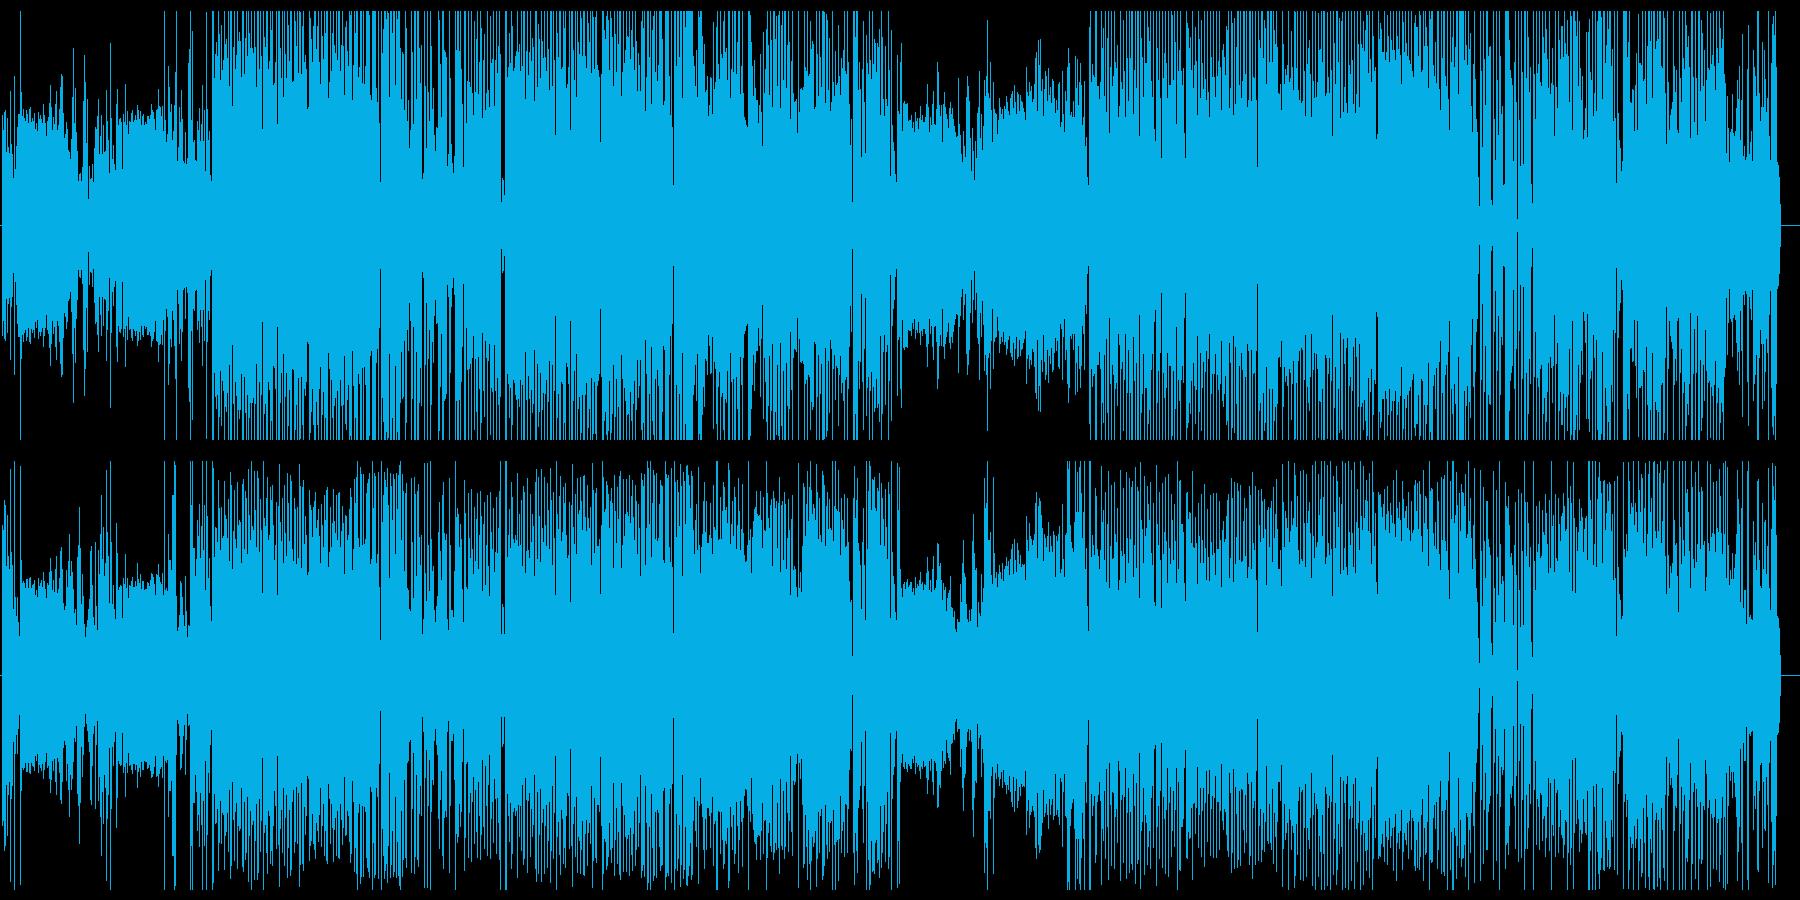 高エネルギッシュなジャングルスタイルの再生済みの波形